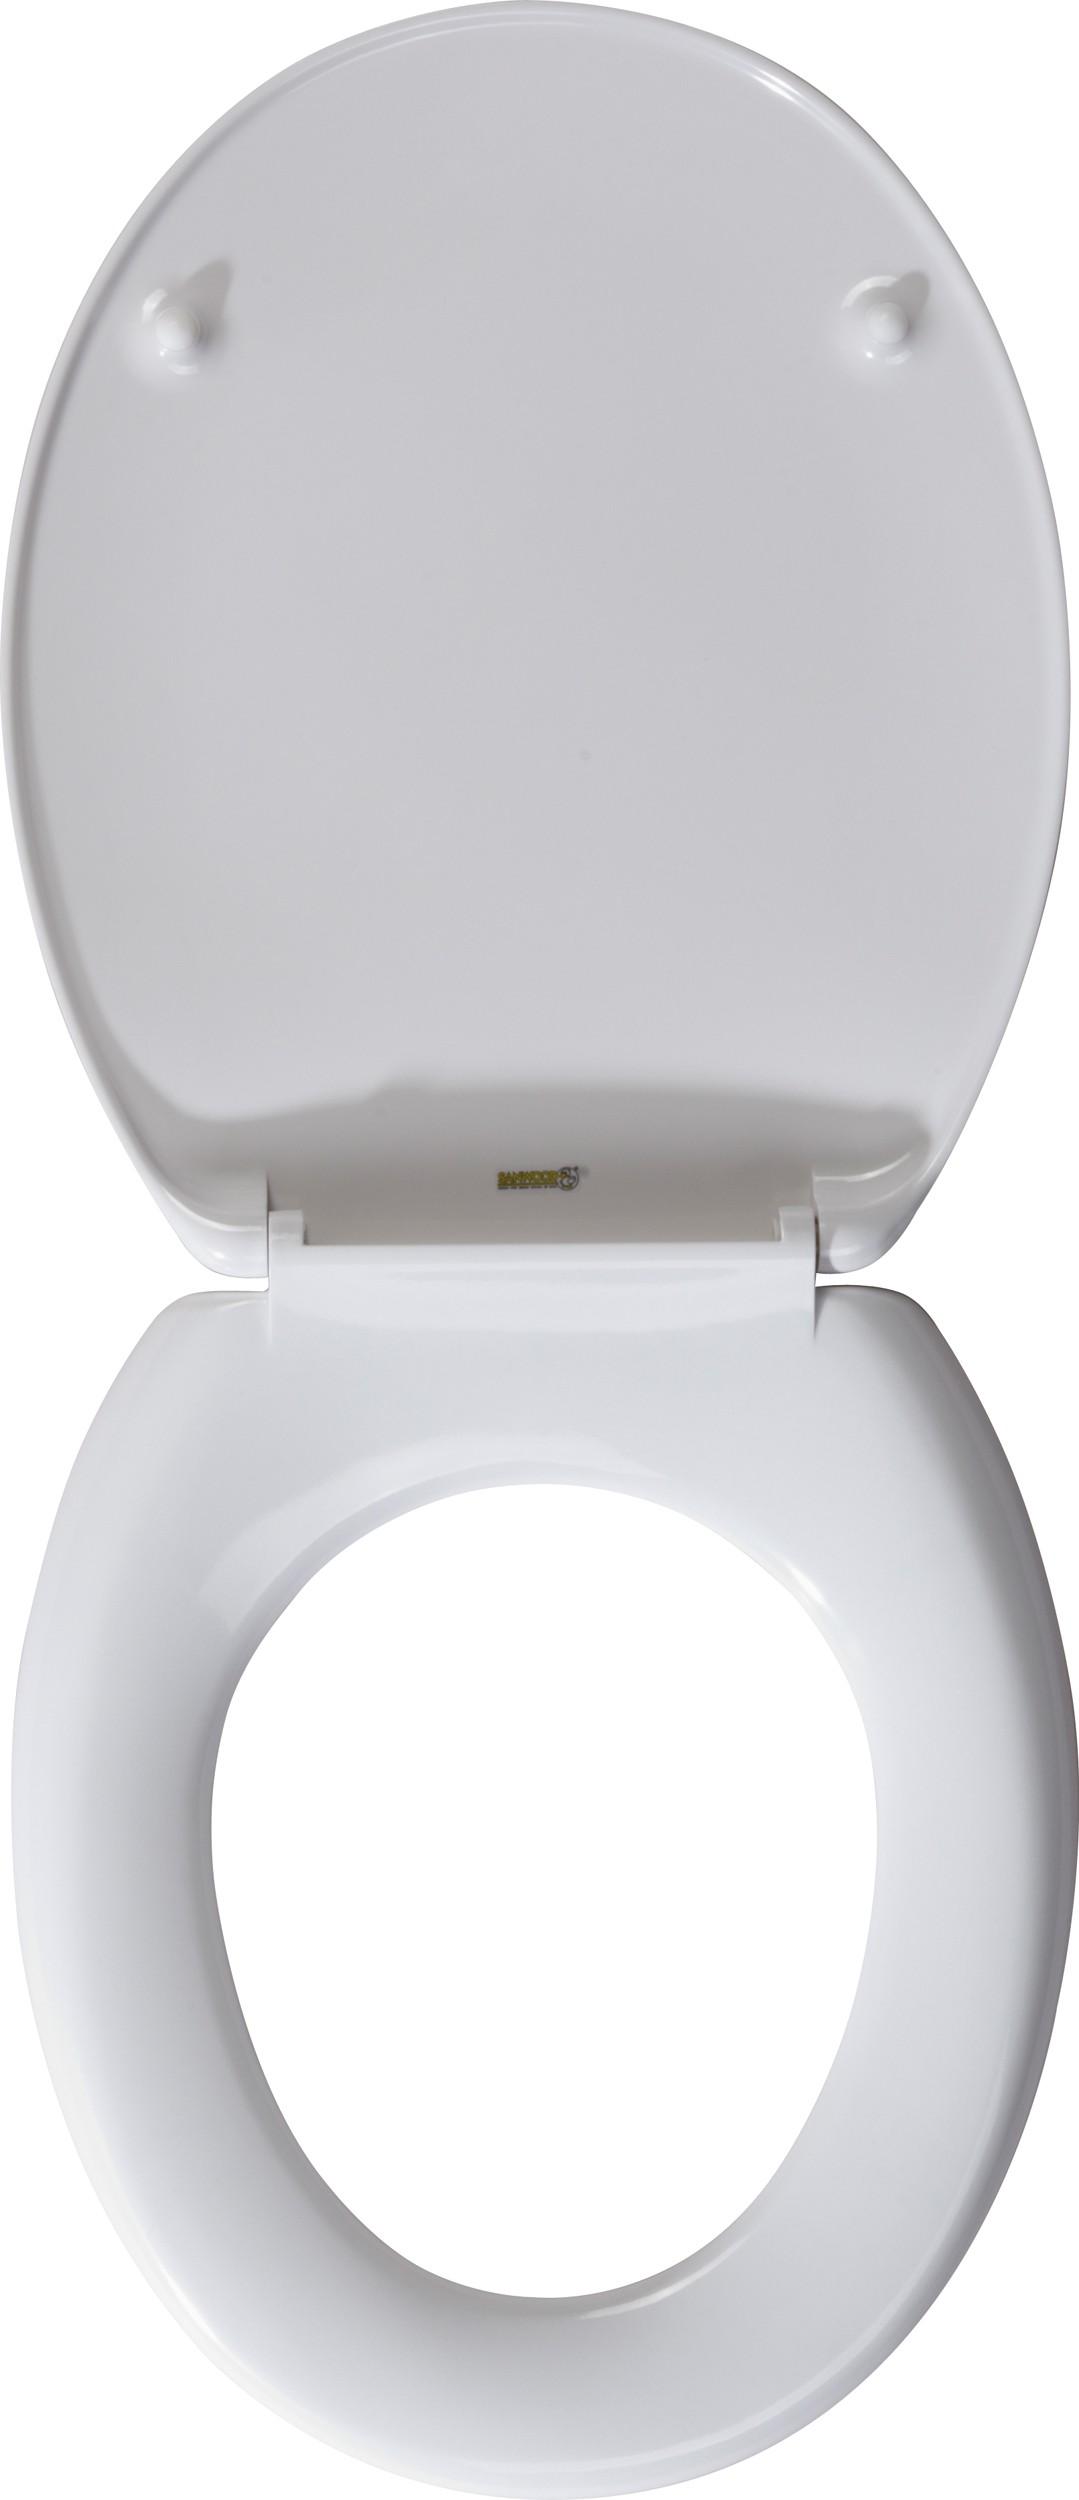 Wc Sitz Schwarz Weiß : wc sitz vater sohn in wei schwarz bad wc sitz wc sitze ohne absenkautomatik 4101 ~ Bigdaddyawards.com Haus und Dekorationen